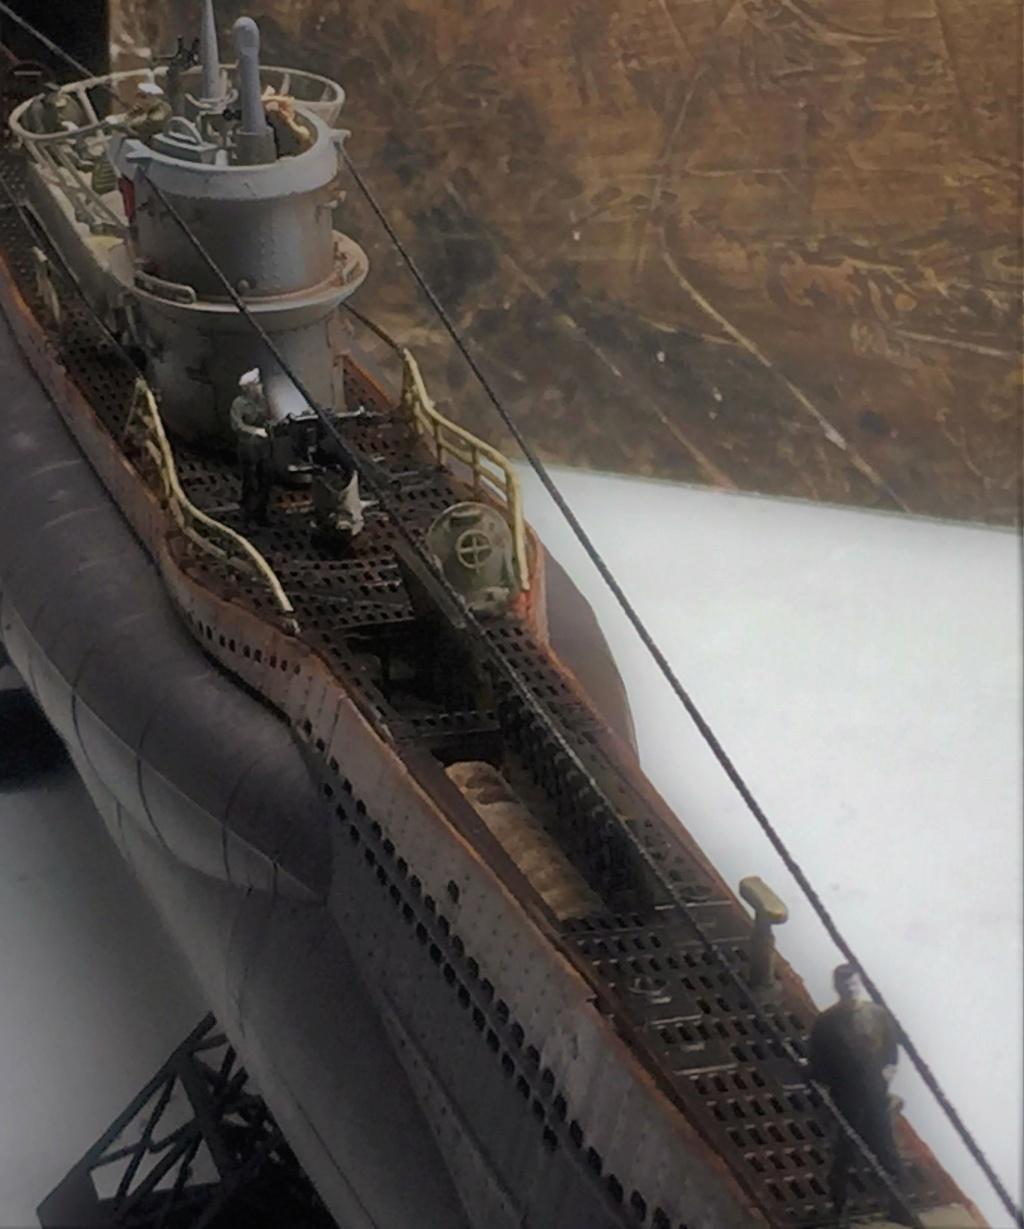 Sous-marin U-Boat VIID résine 3D au 1/100 - Page 10 Img_5924